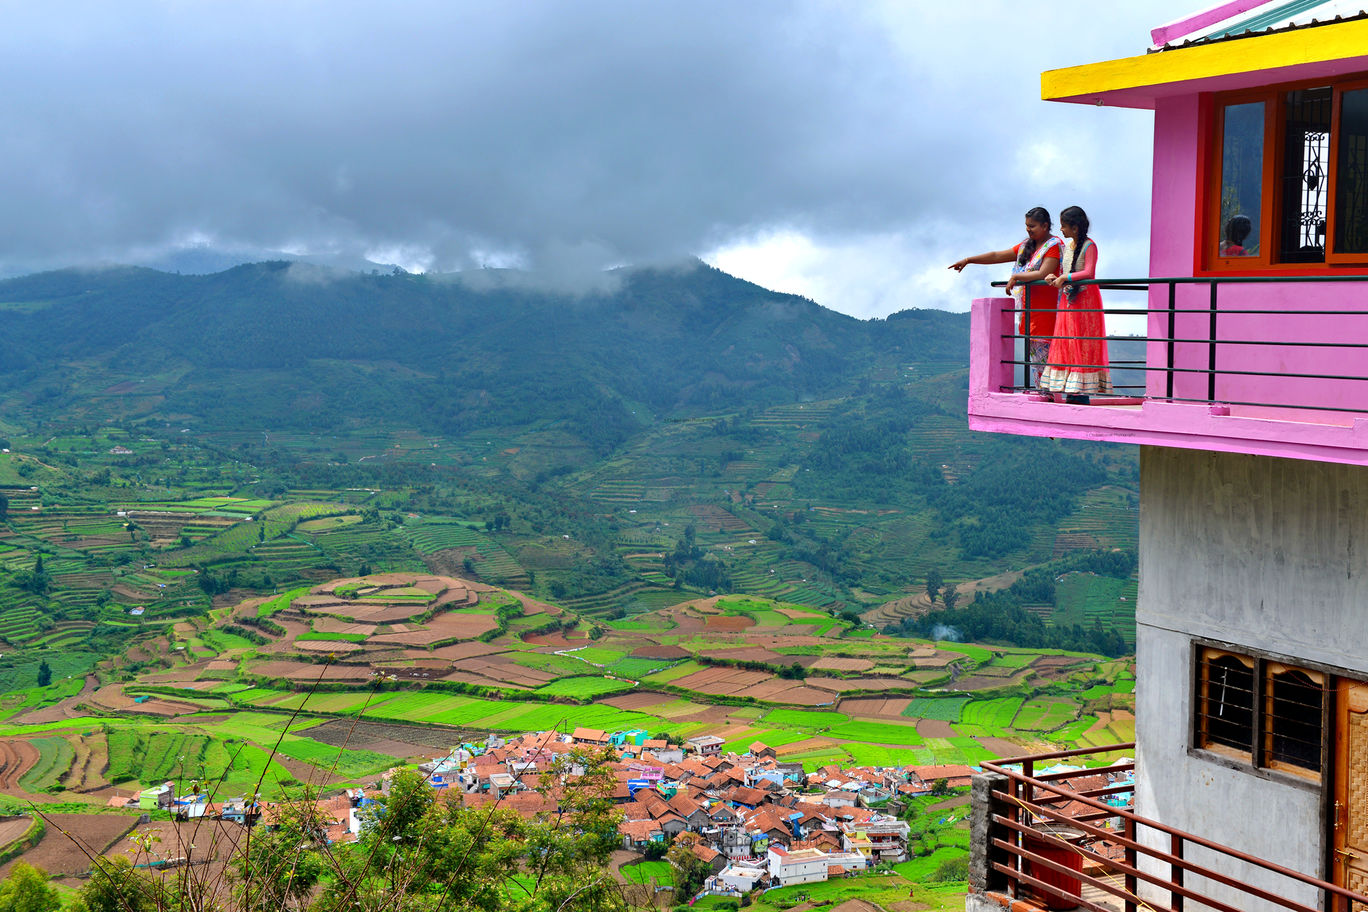 Photo of Kodaikanal By Chidambaram Sivathanu